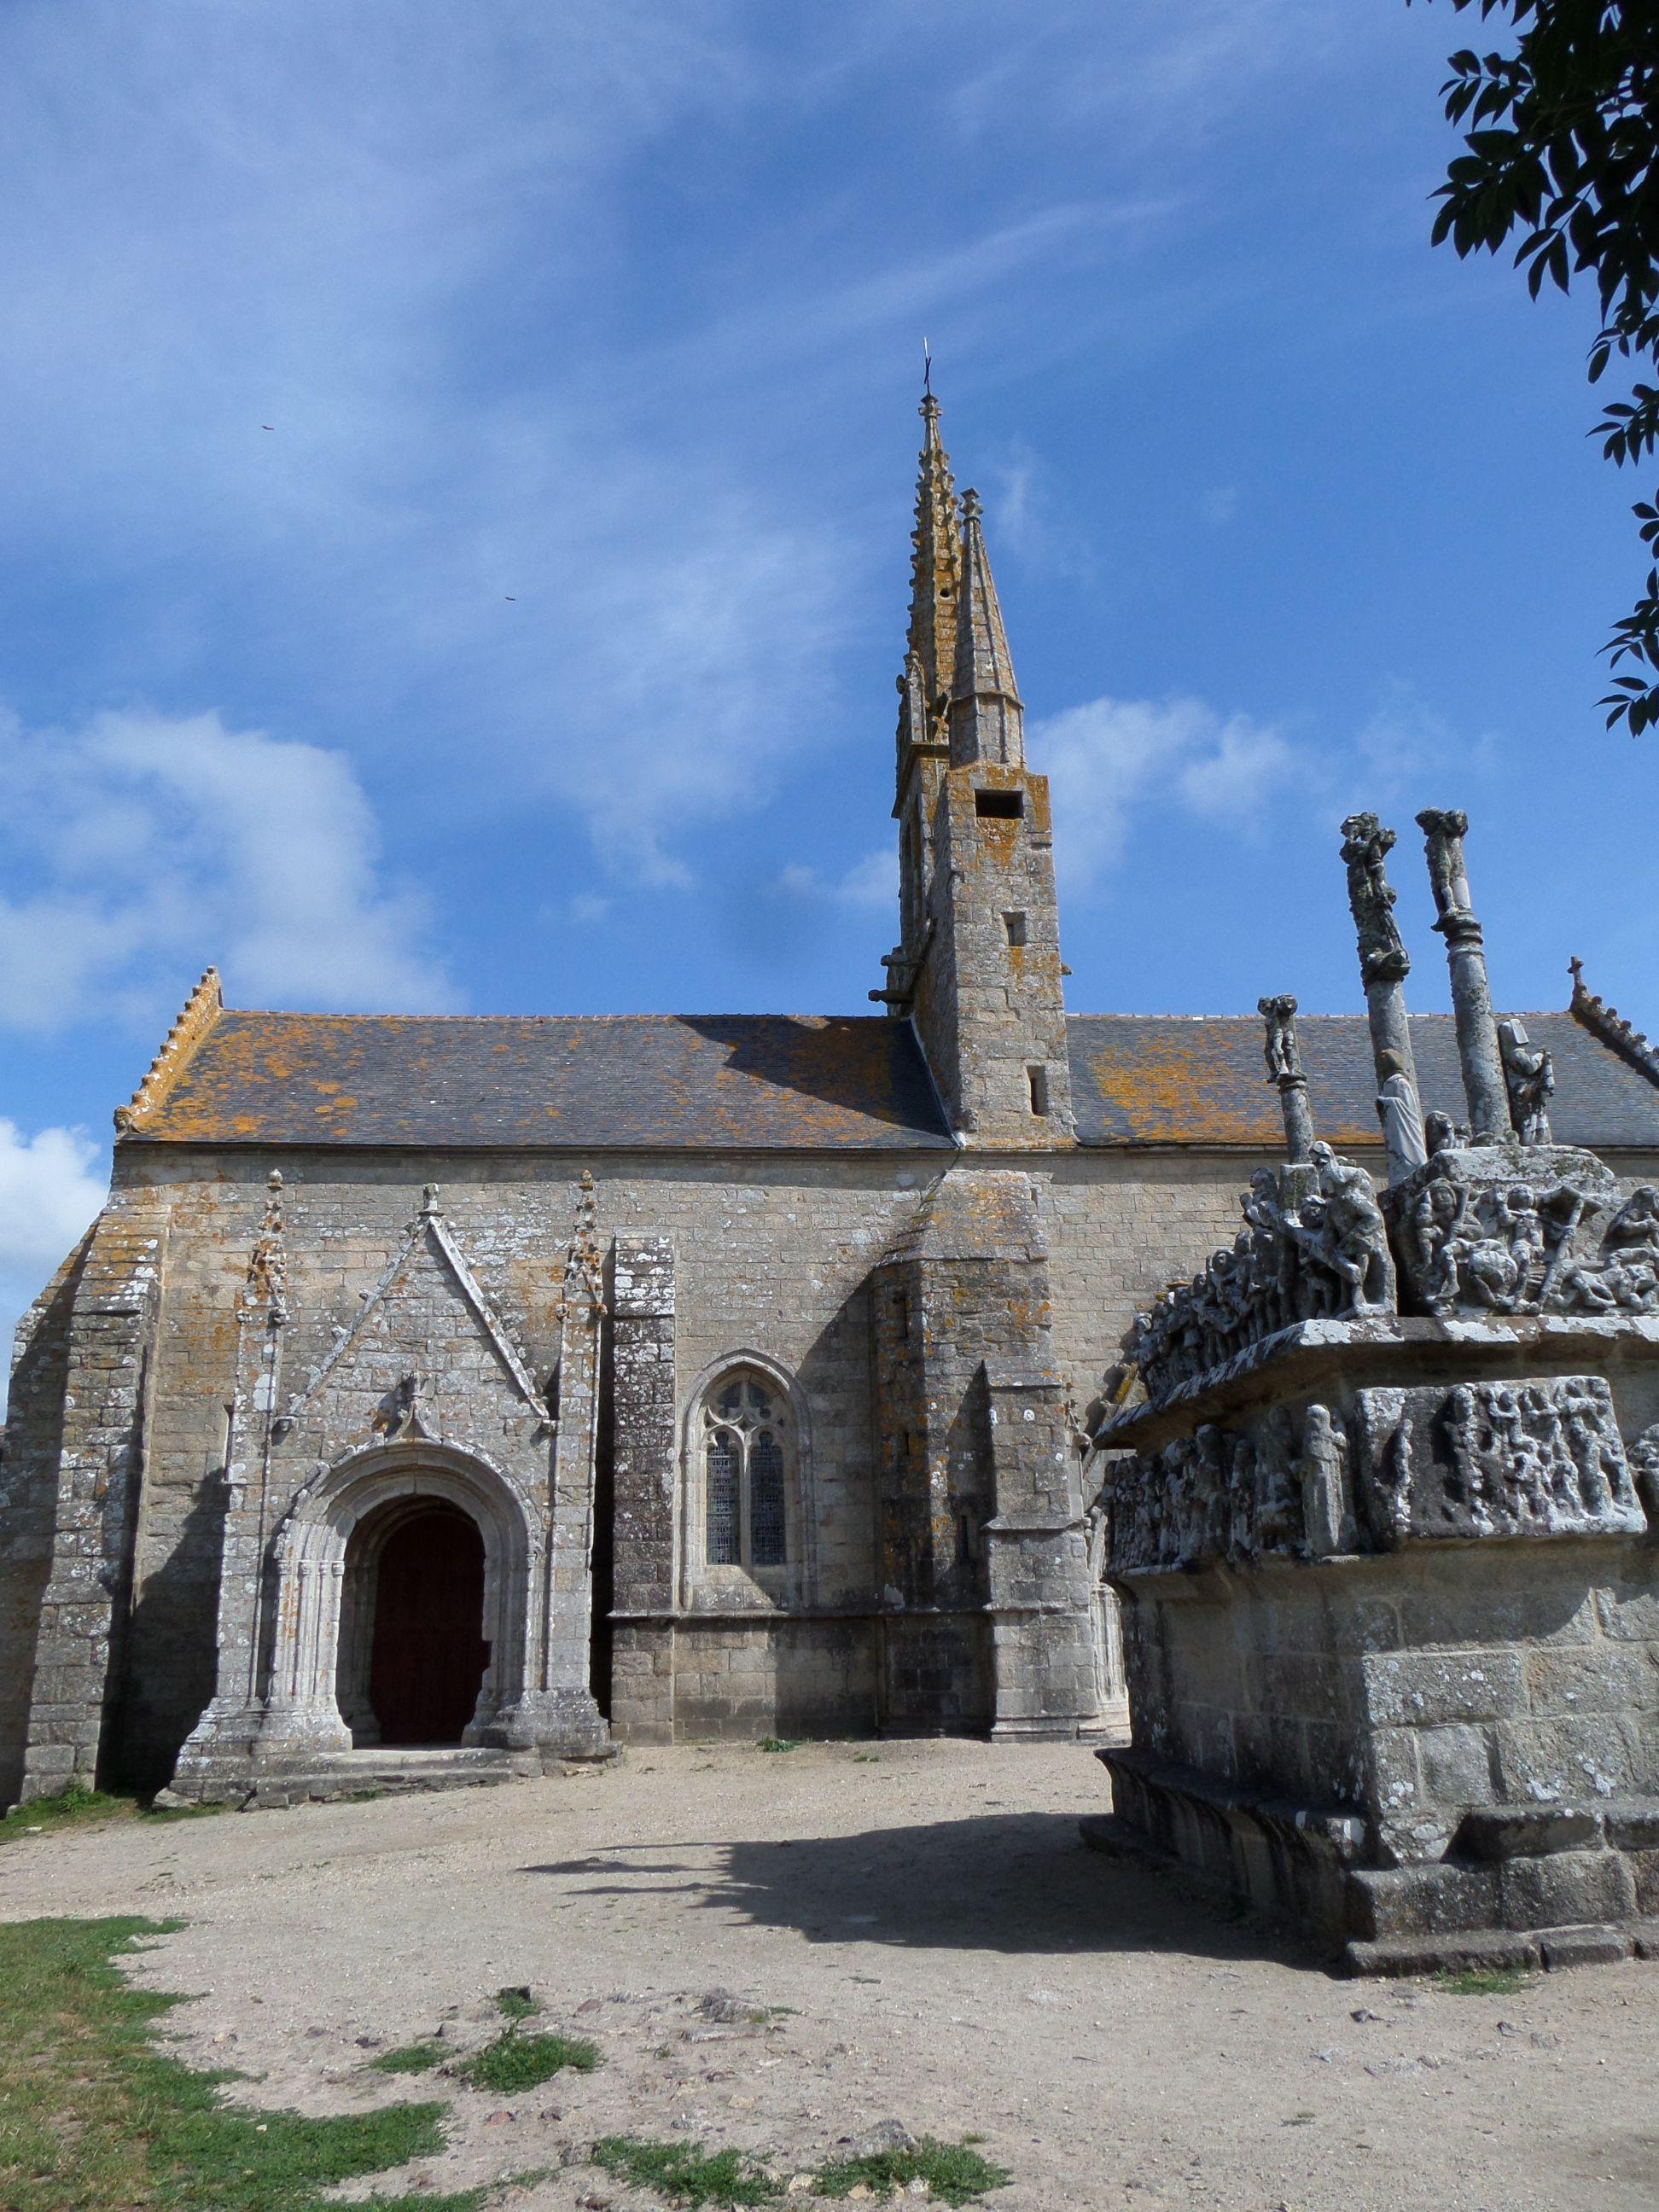 Chapelle de Notre dame de Trono n bij Pont l Abbé in Bretagne